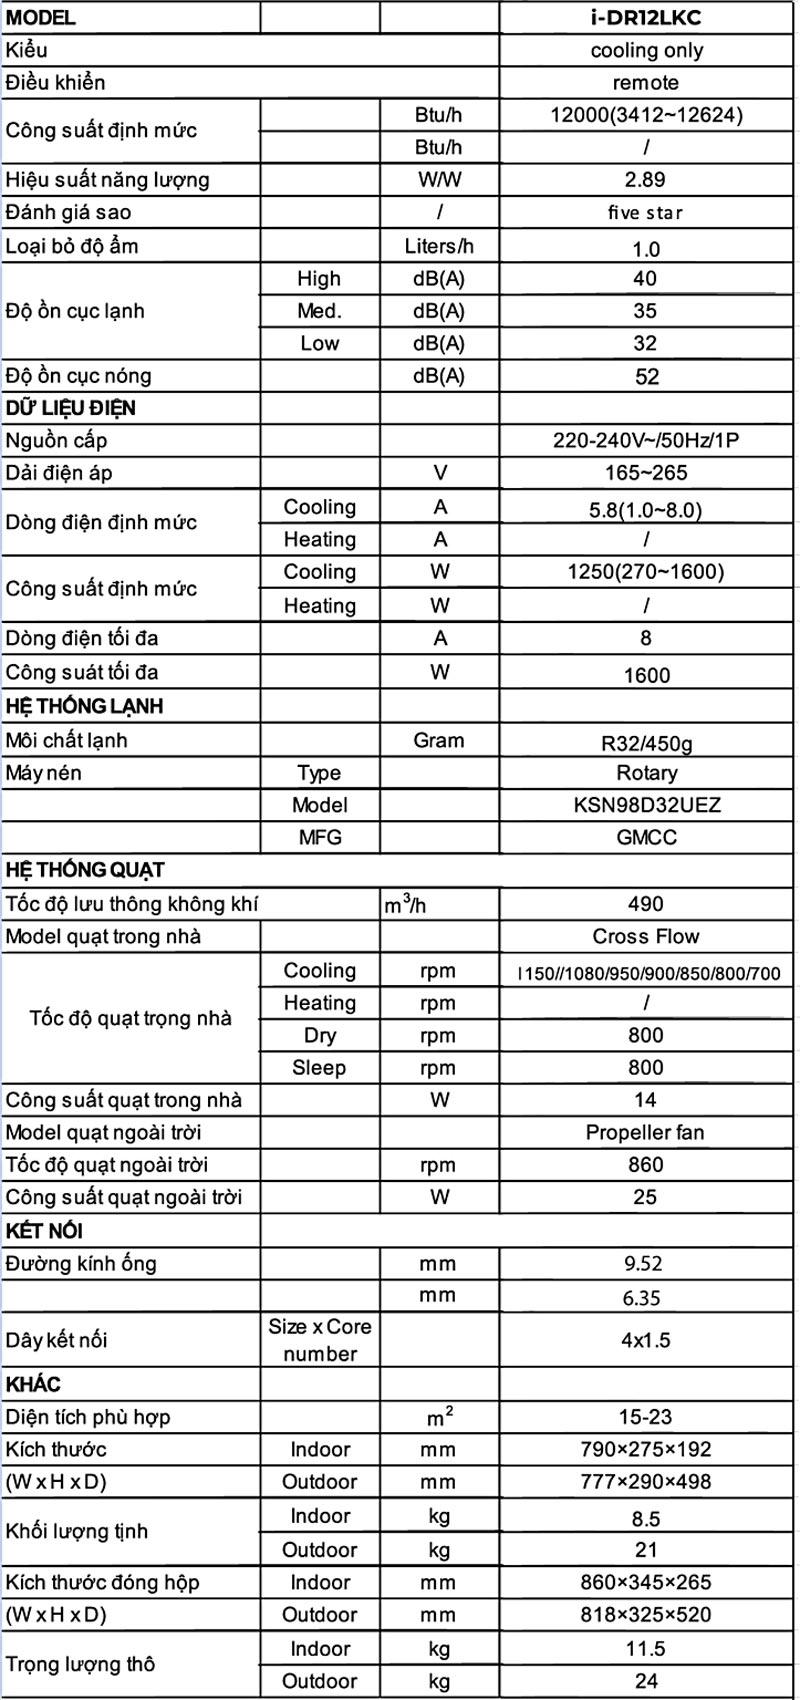 thong-so-may-lanh-treo-tuong-dairry-inverter-1-5hp-i-dr12lkc